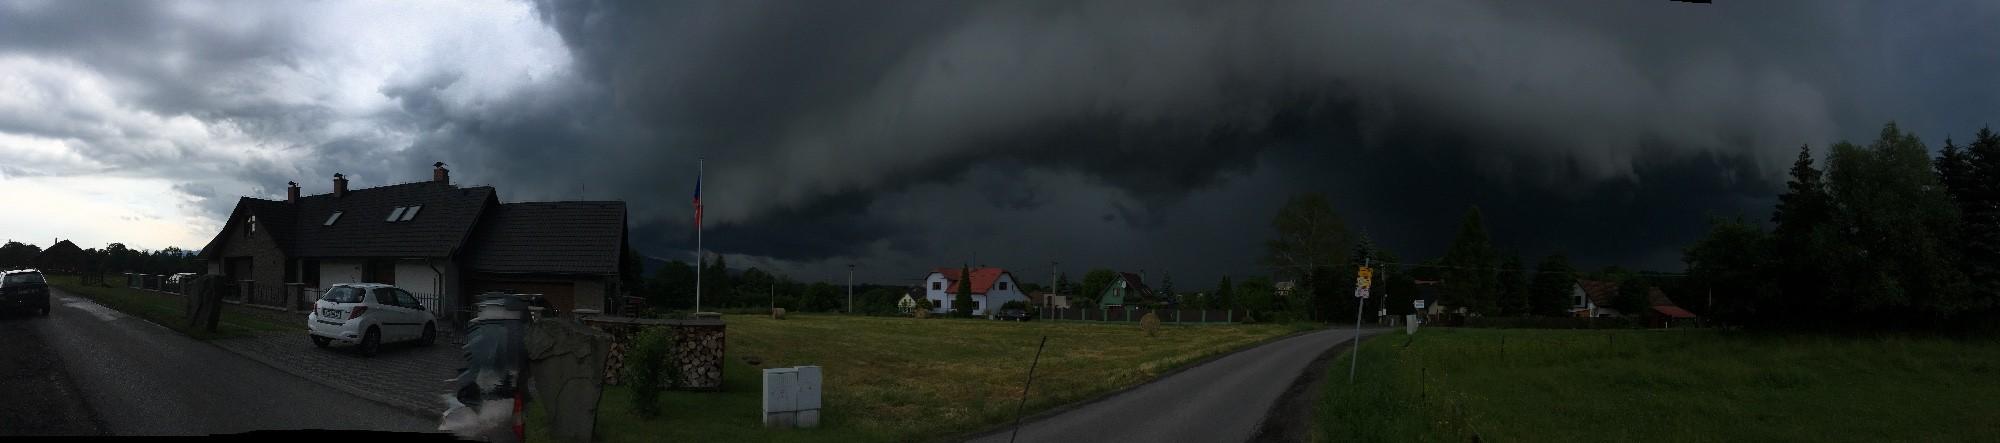 Vendryně před bouří